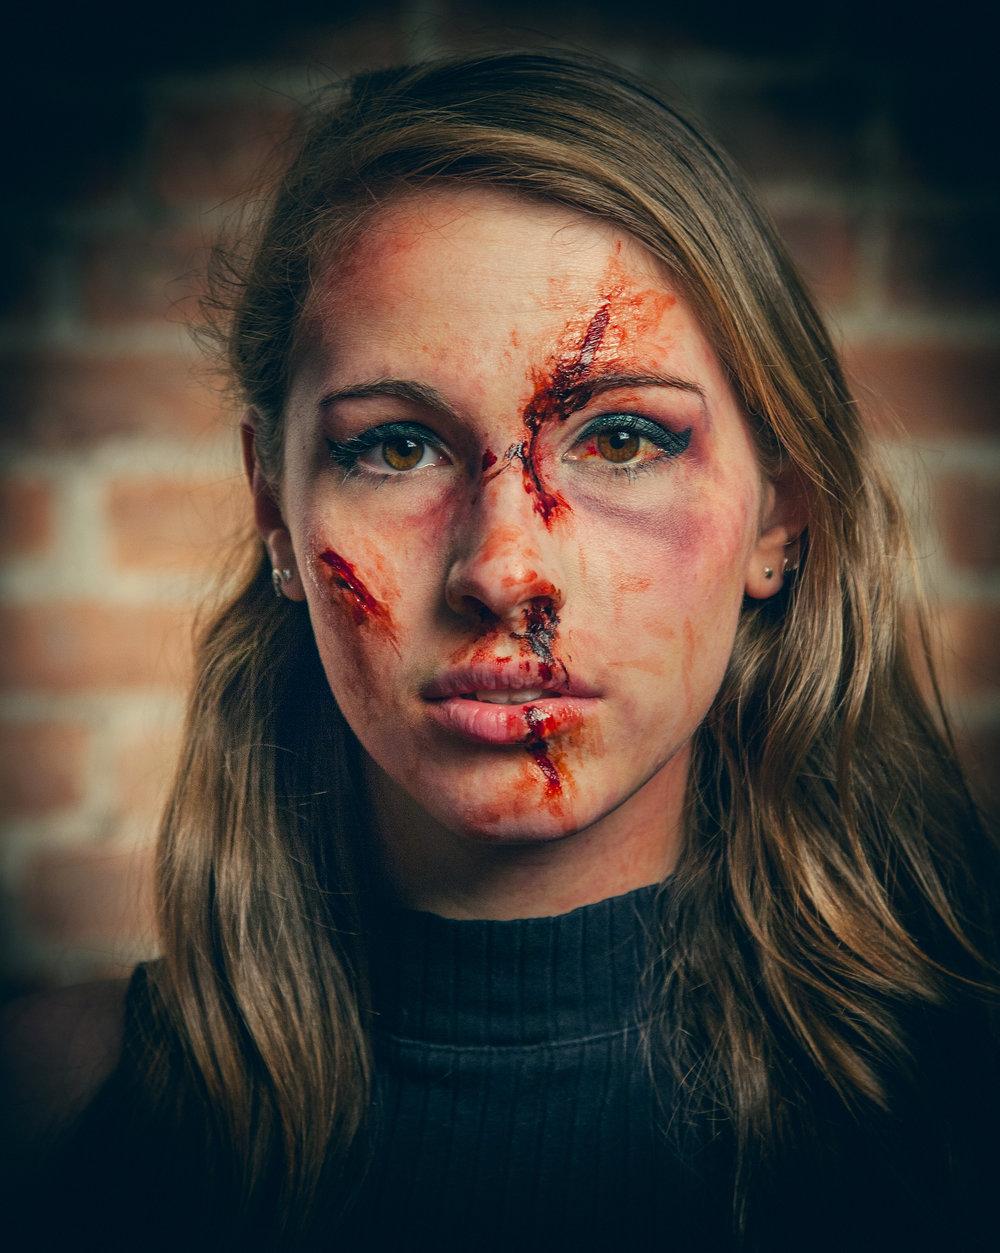 Practical Injury Makeup